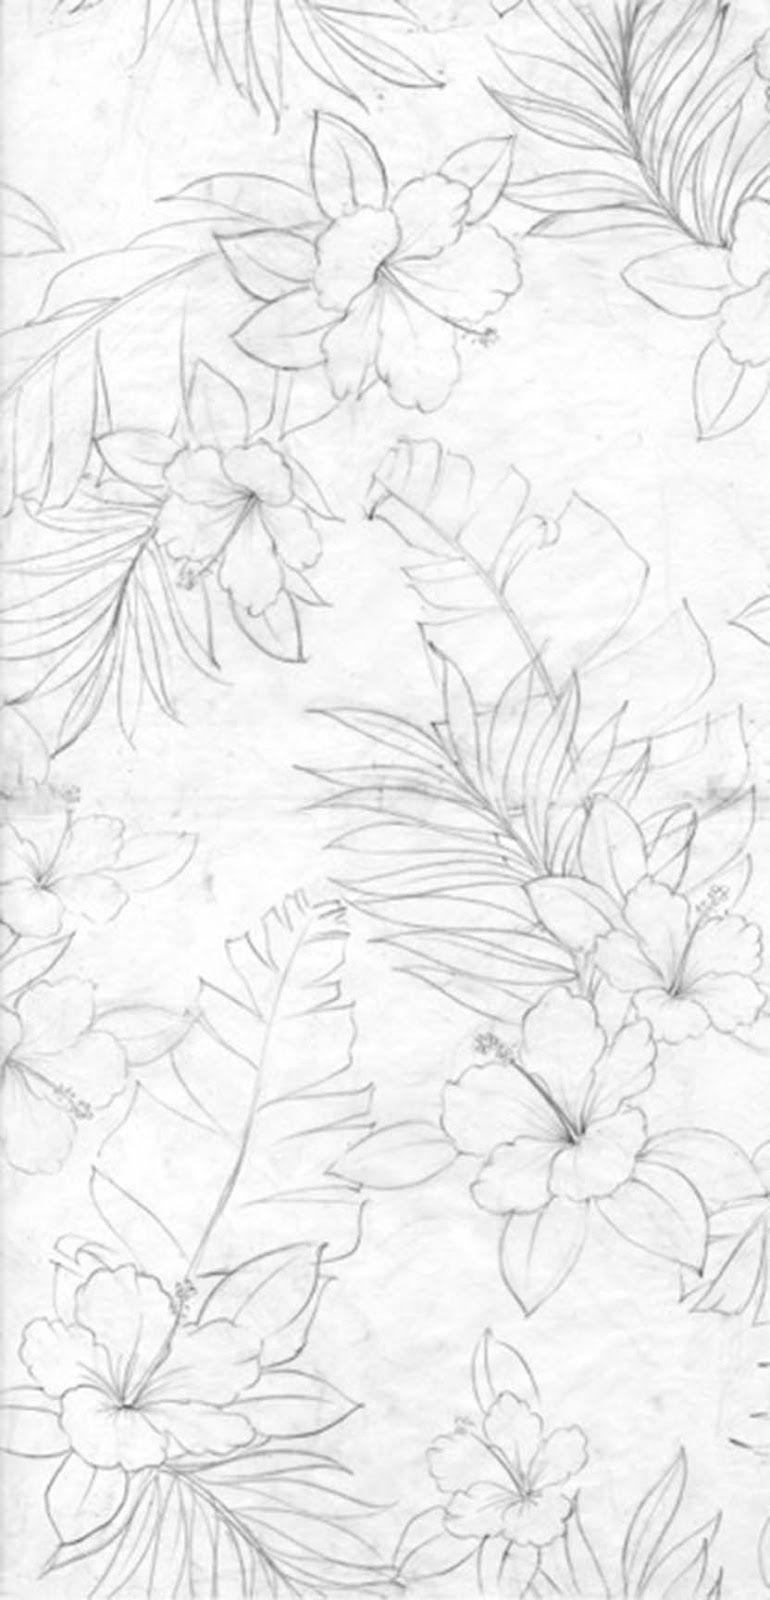 Da Kine Hawaiian Aloha Wave Shoppe Hawaiian Shirt Fabric Design